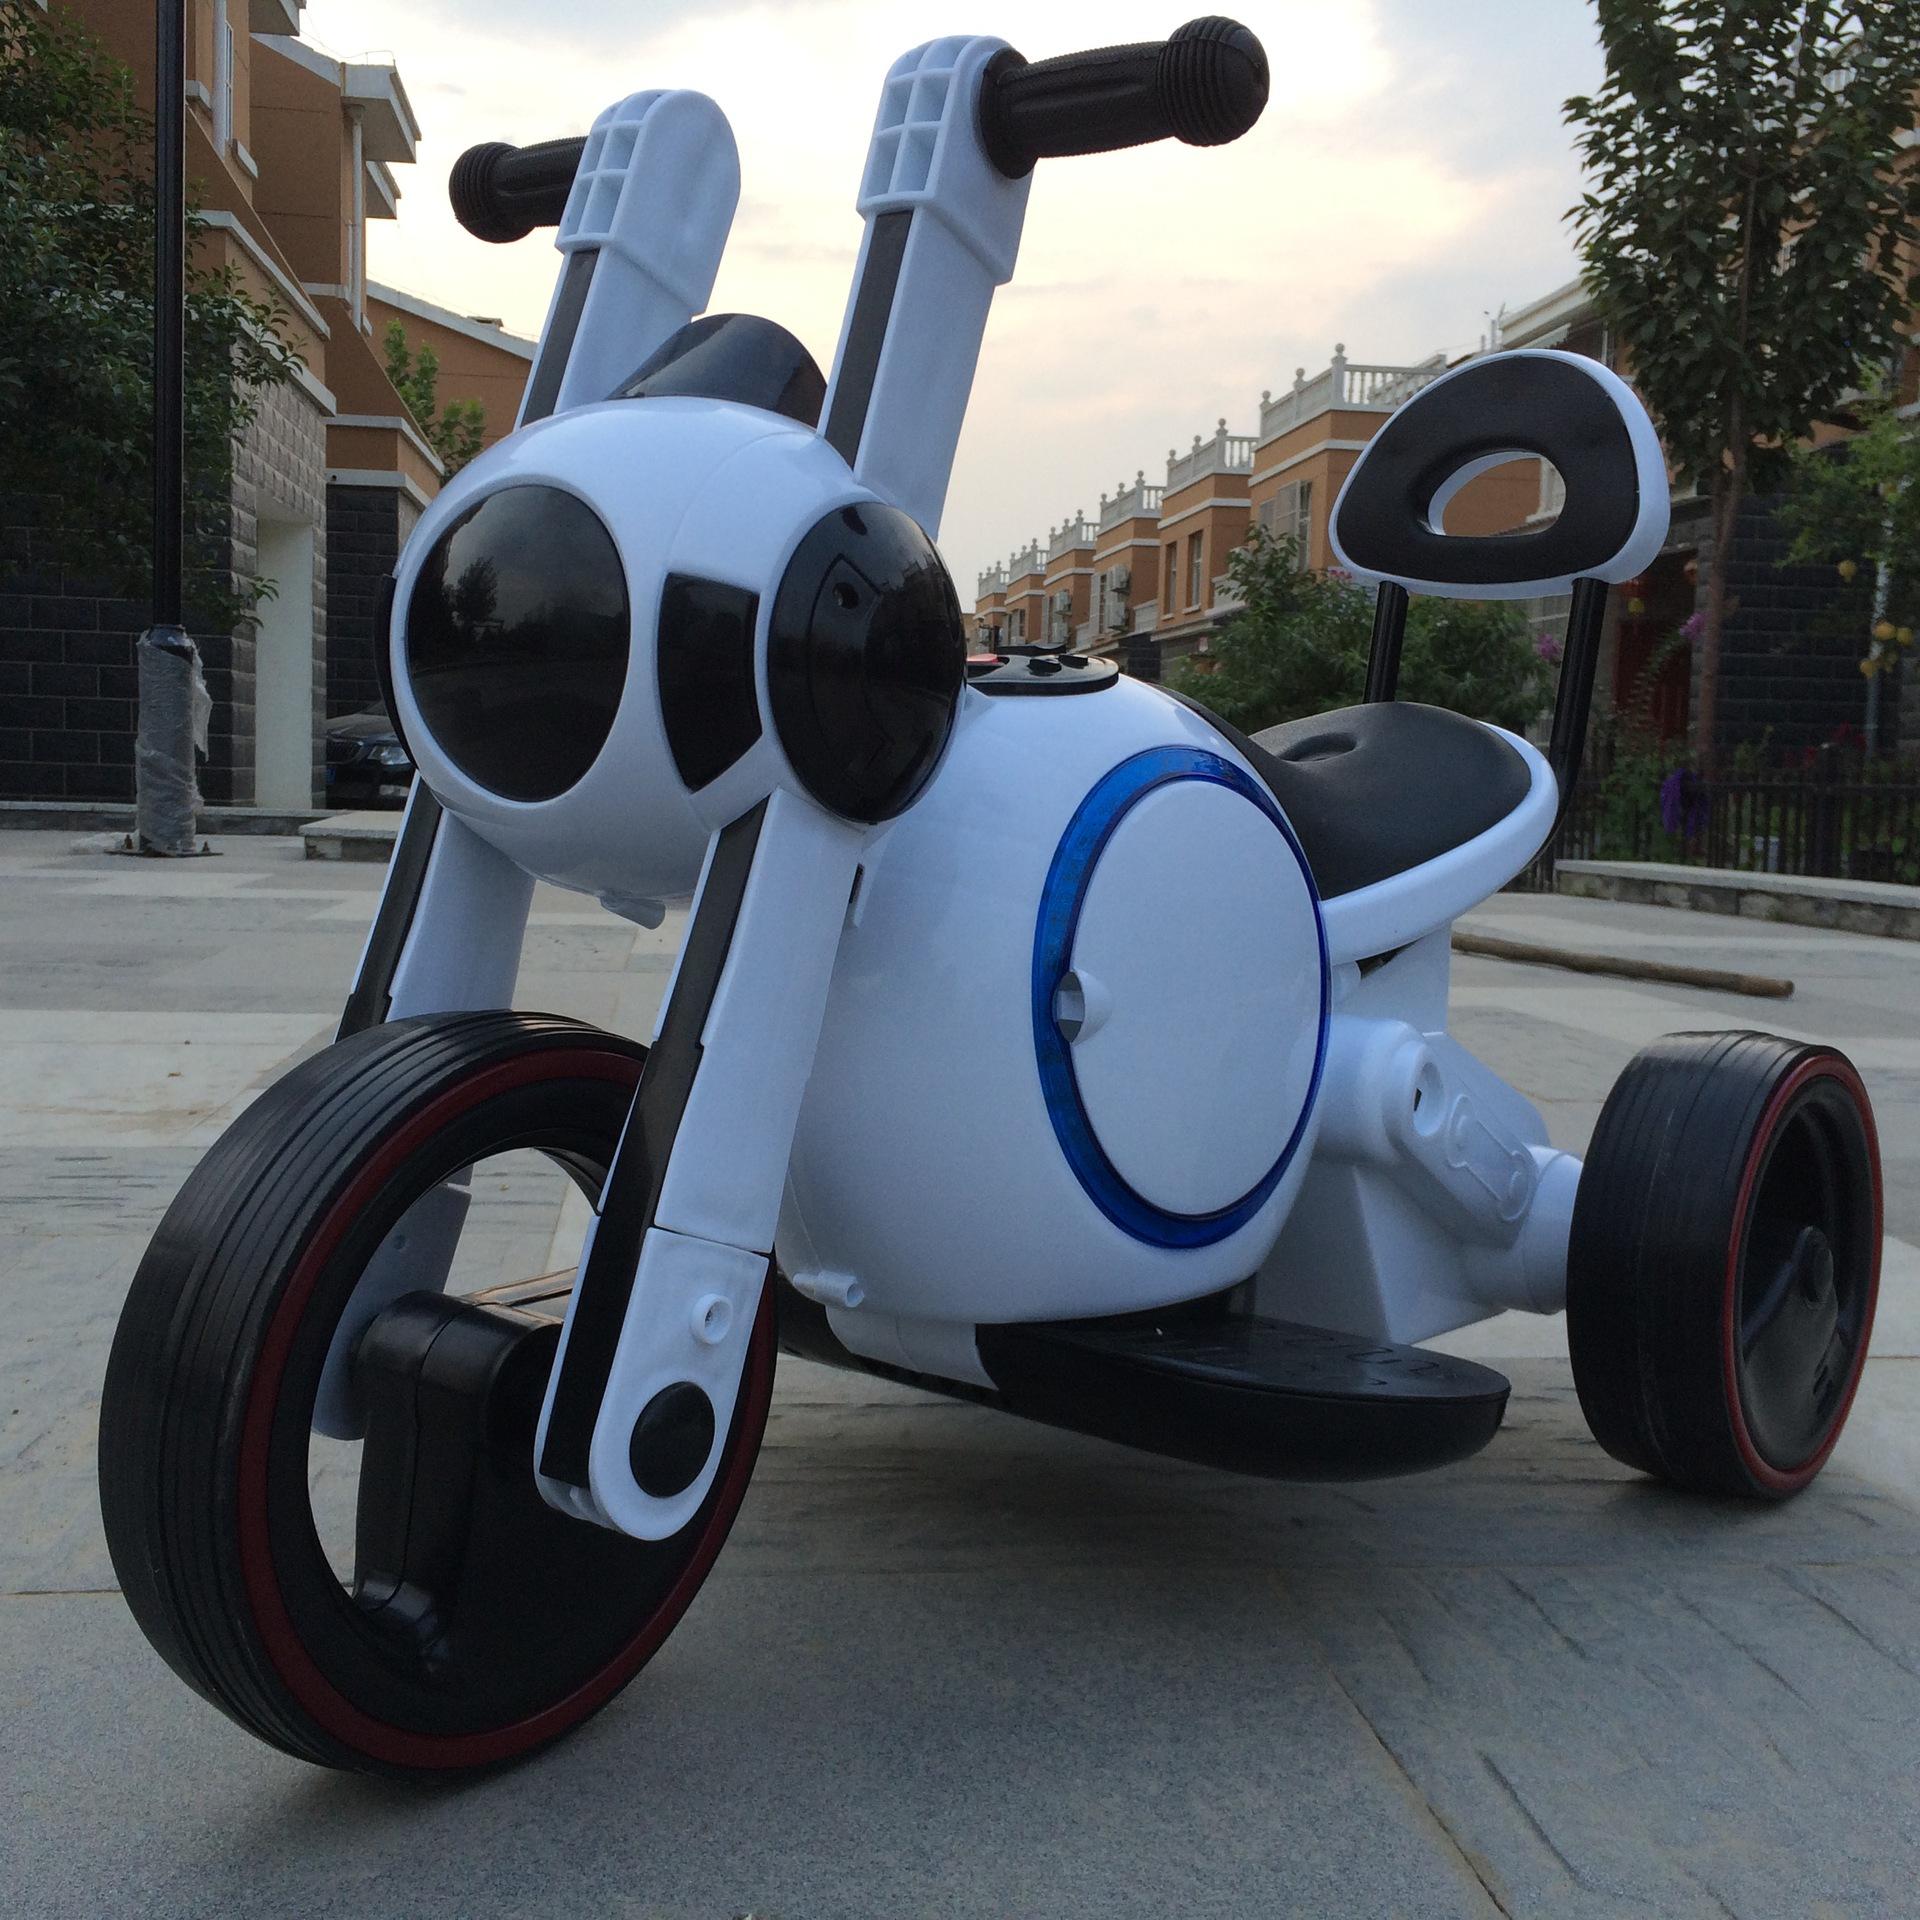 xe máy điện ba bánh kiểu dáng dễ thương .